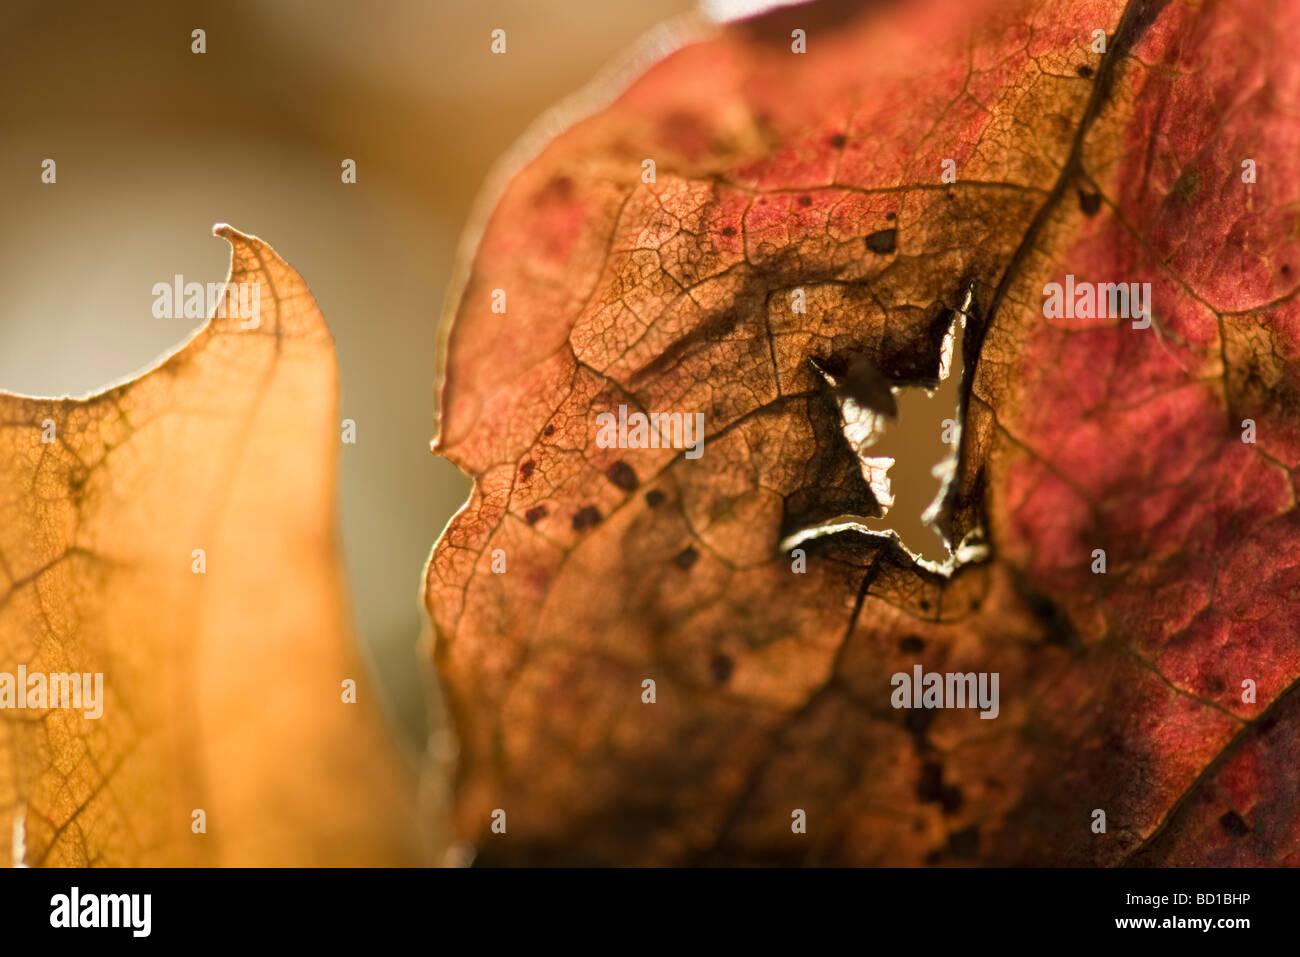 Feuilles séchées avec des trous, extreme close-up Photo Stock